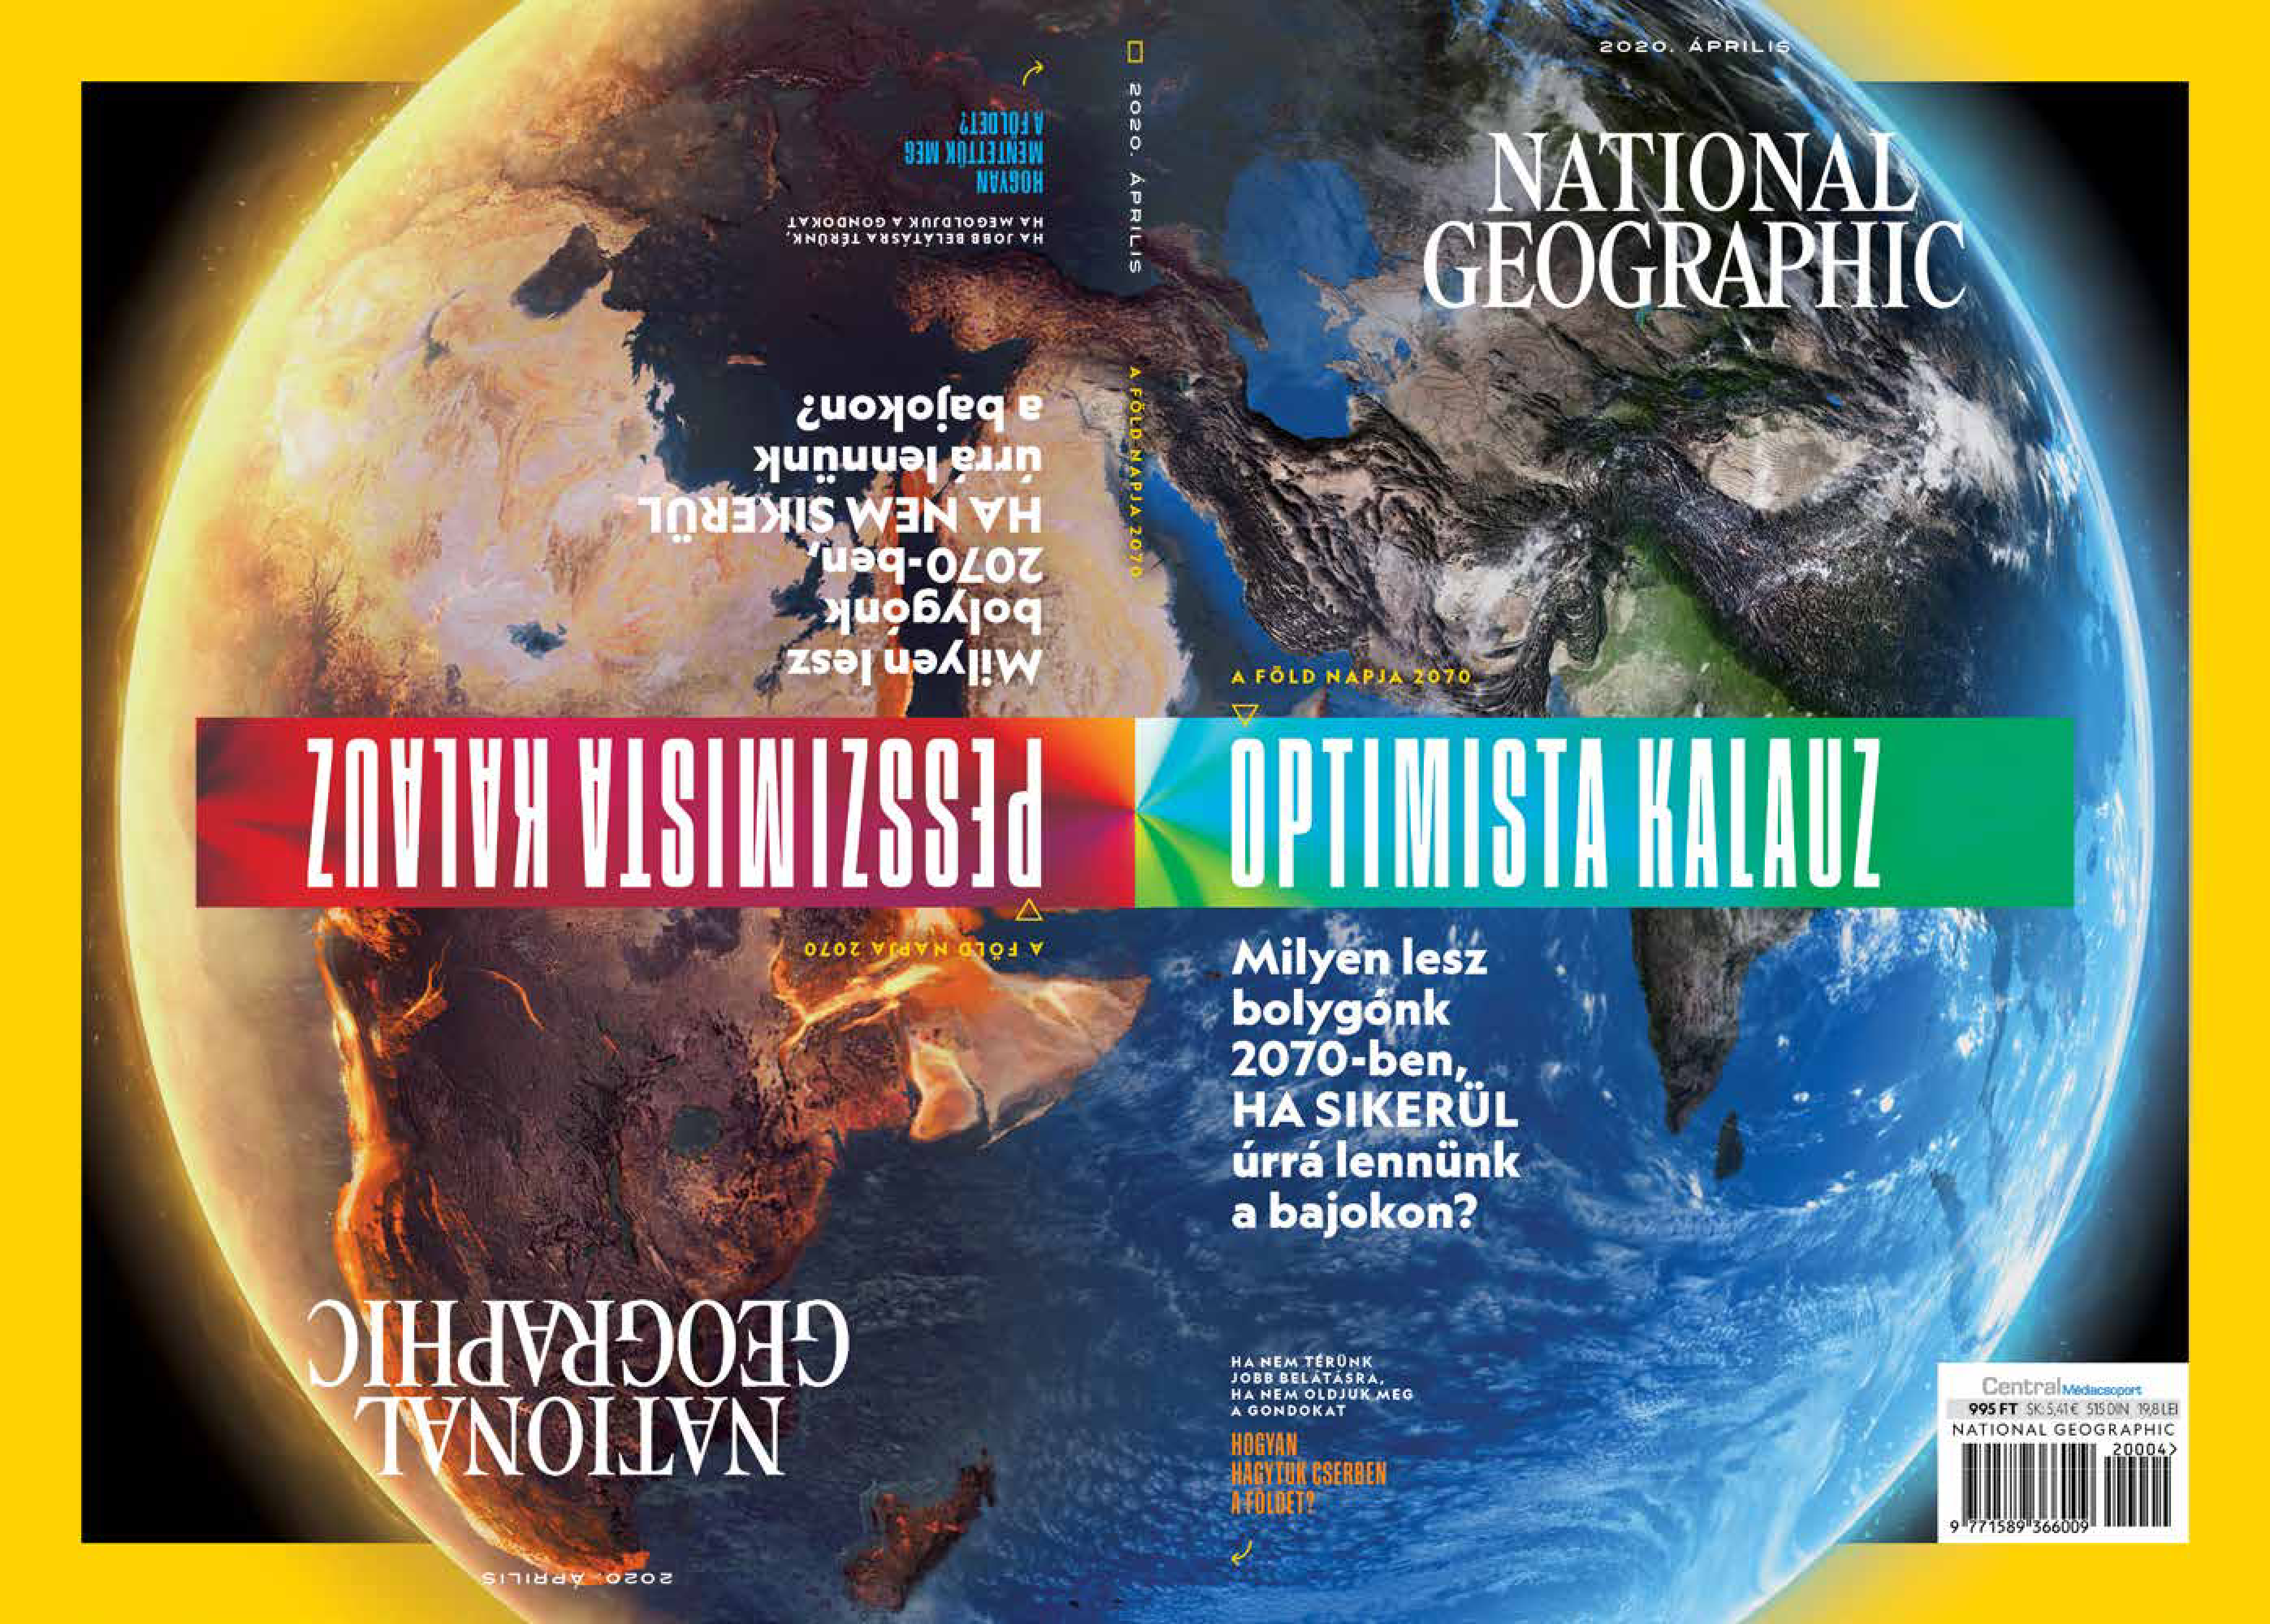 A Föld napja alkalmából, egyedülálló címlappal és tartalommal jelentkezik a National Geographic!